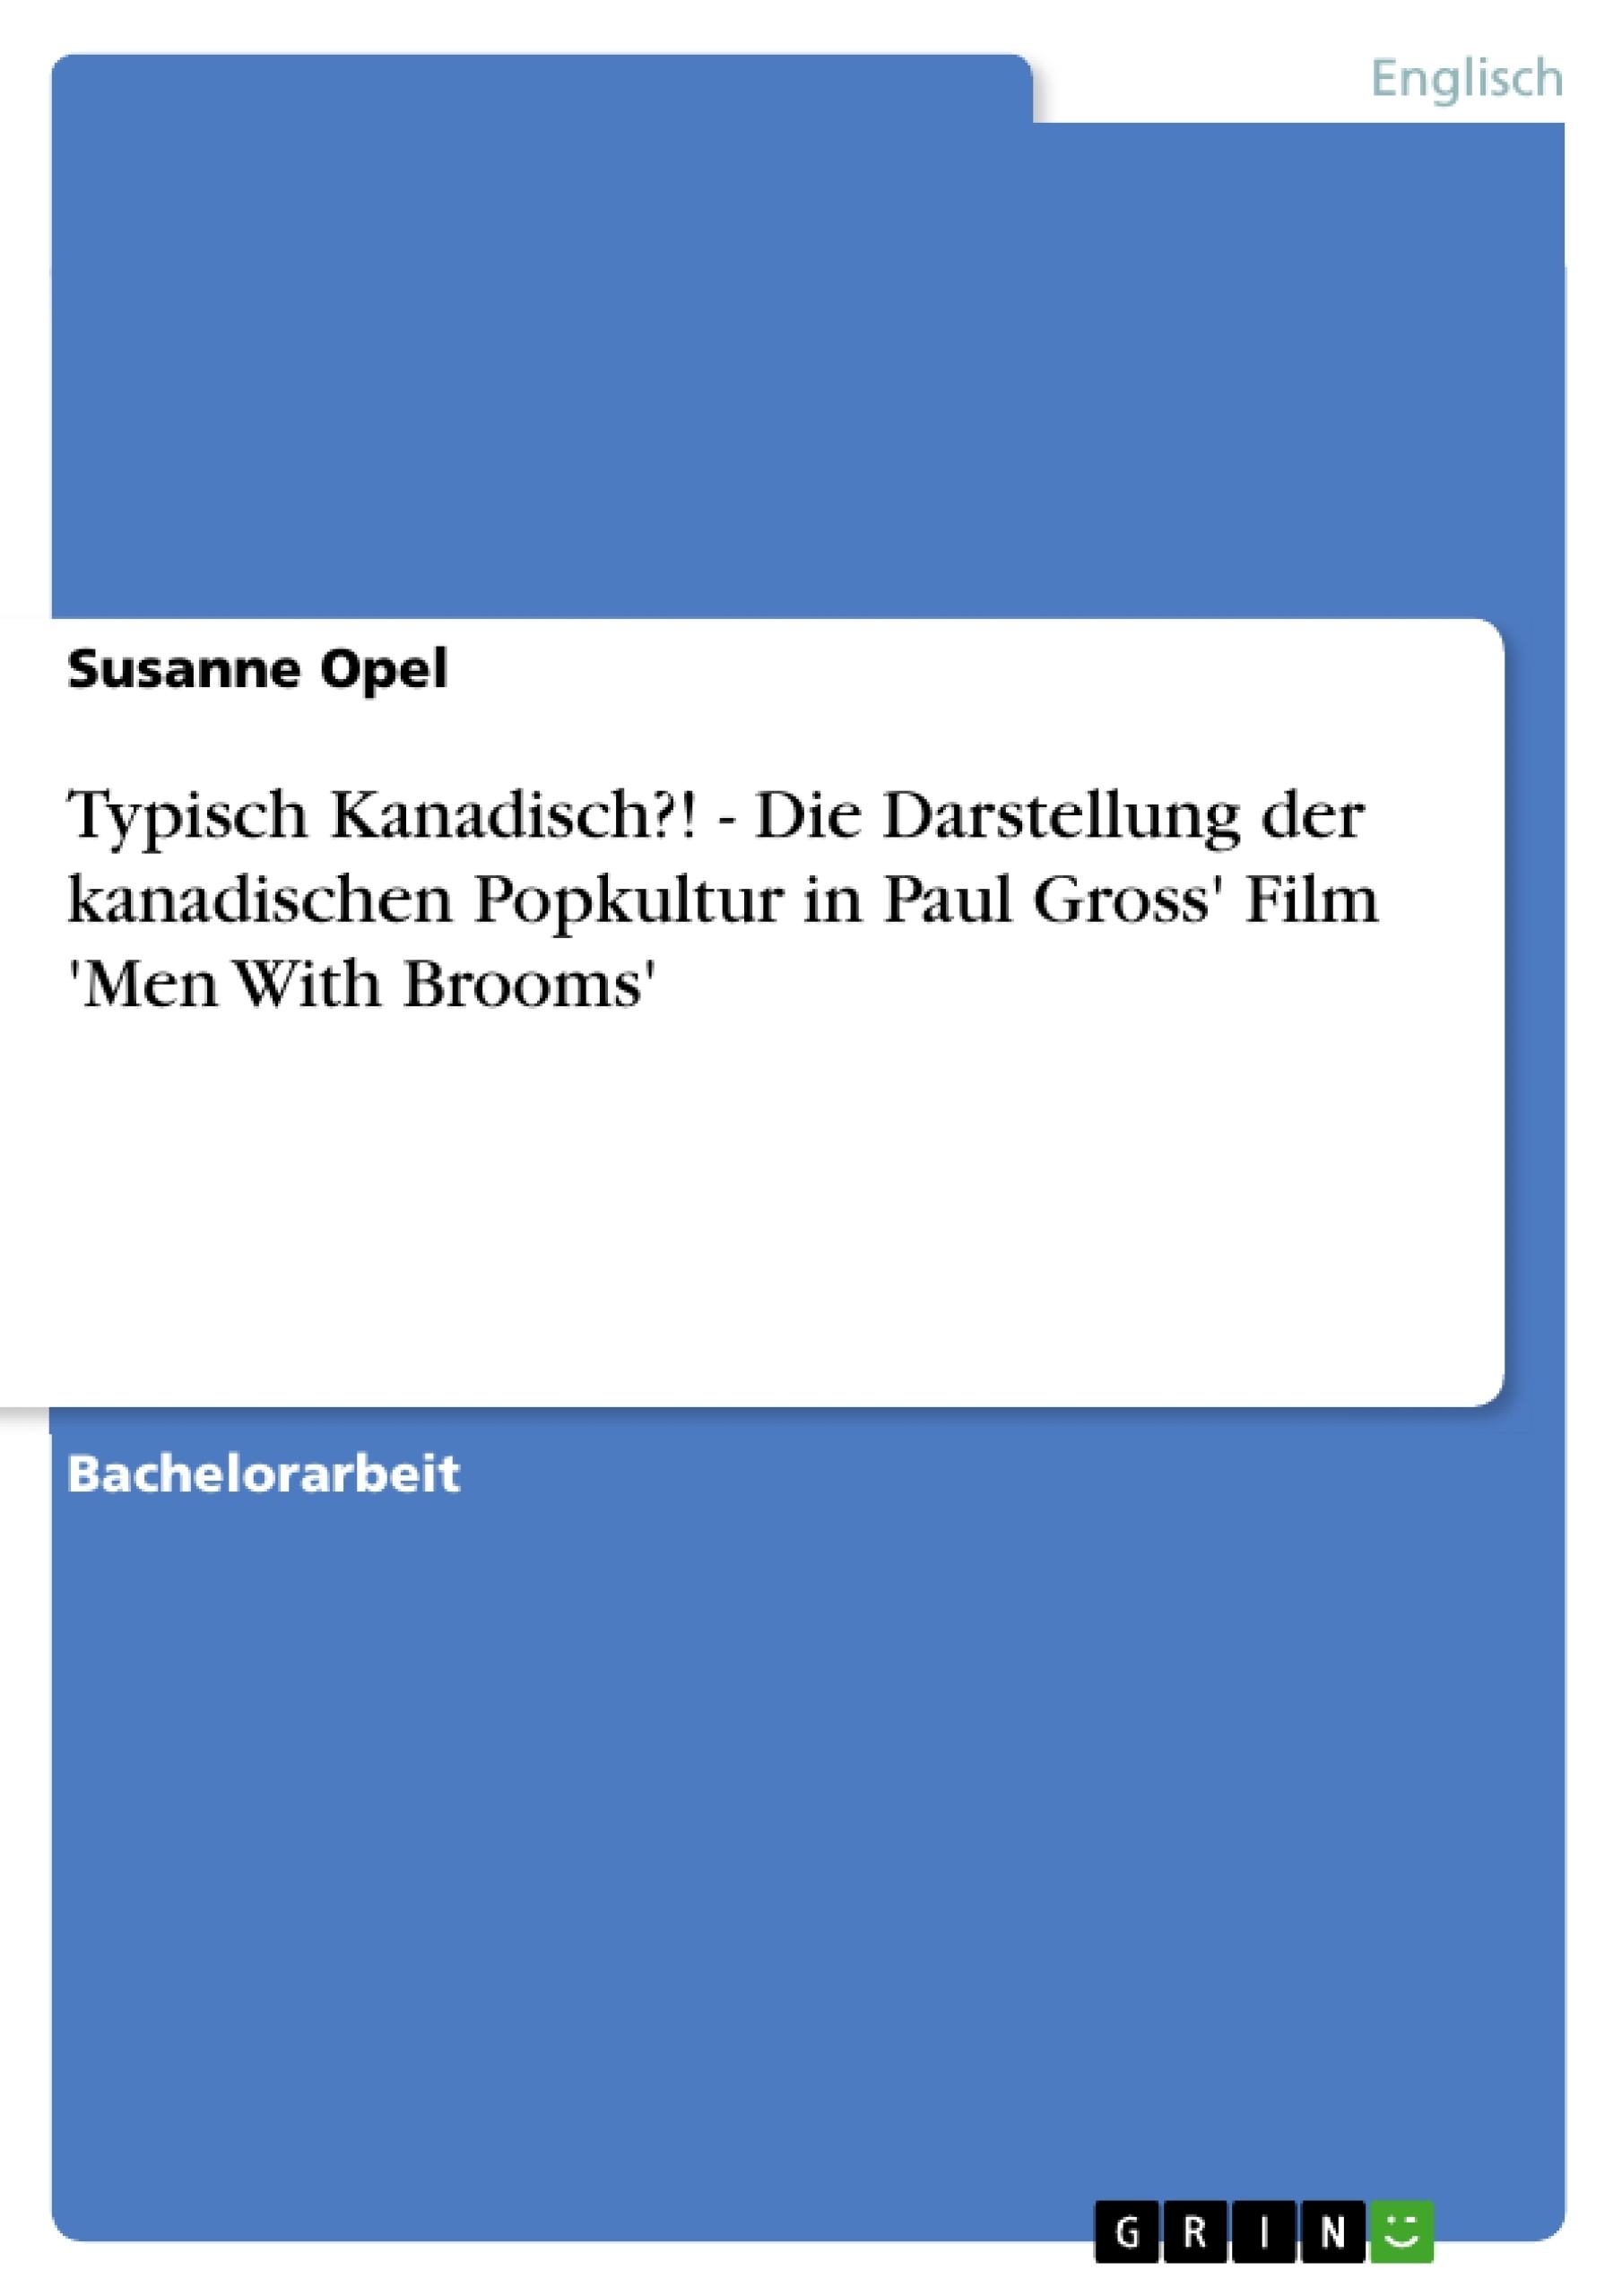 Titel: Typisch Kanadisch?! - Die Darstellung der kanadischen Popkultur in Paul Gross' Film 'Men With Brooms'